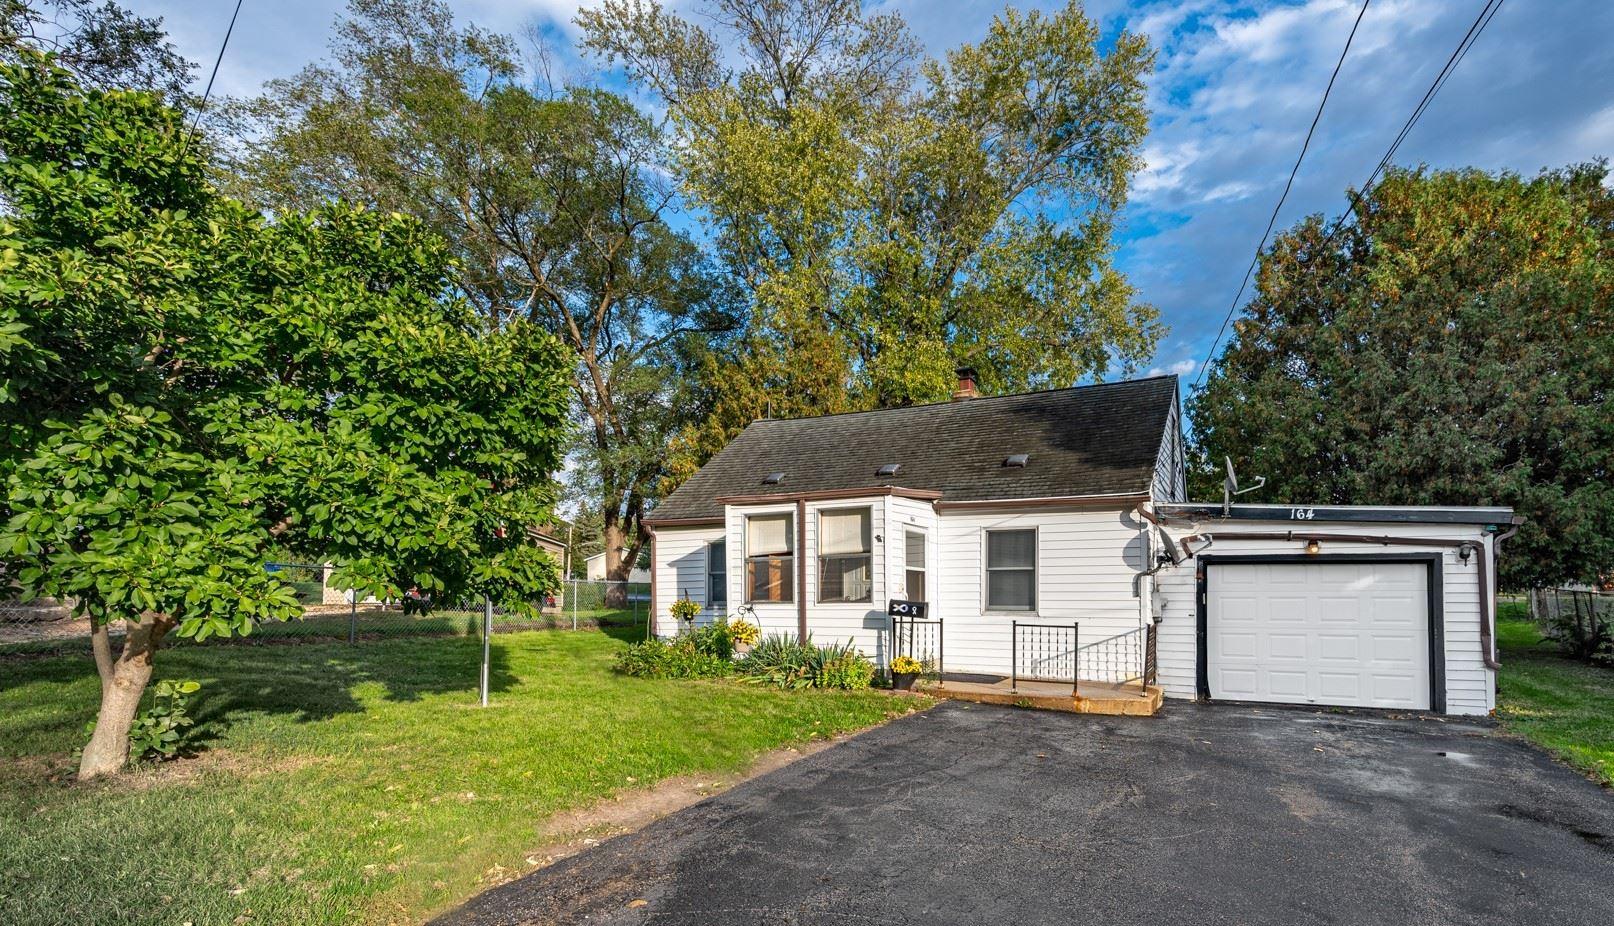 164 Oak Drive, DeKalb, IL 60115 - #: 11252504